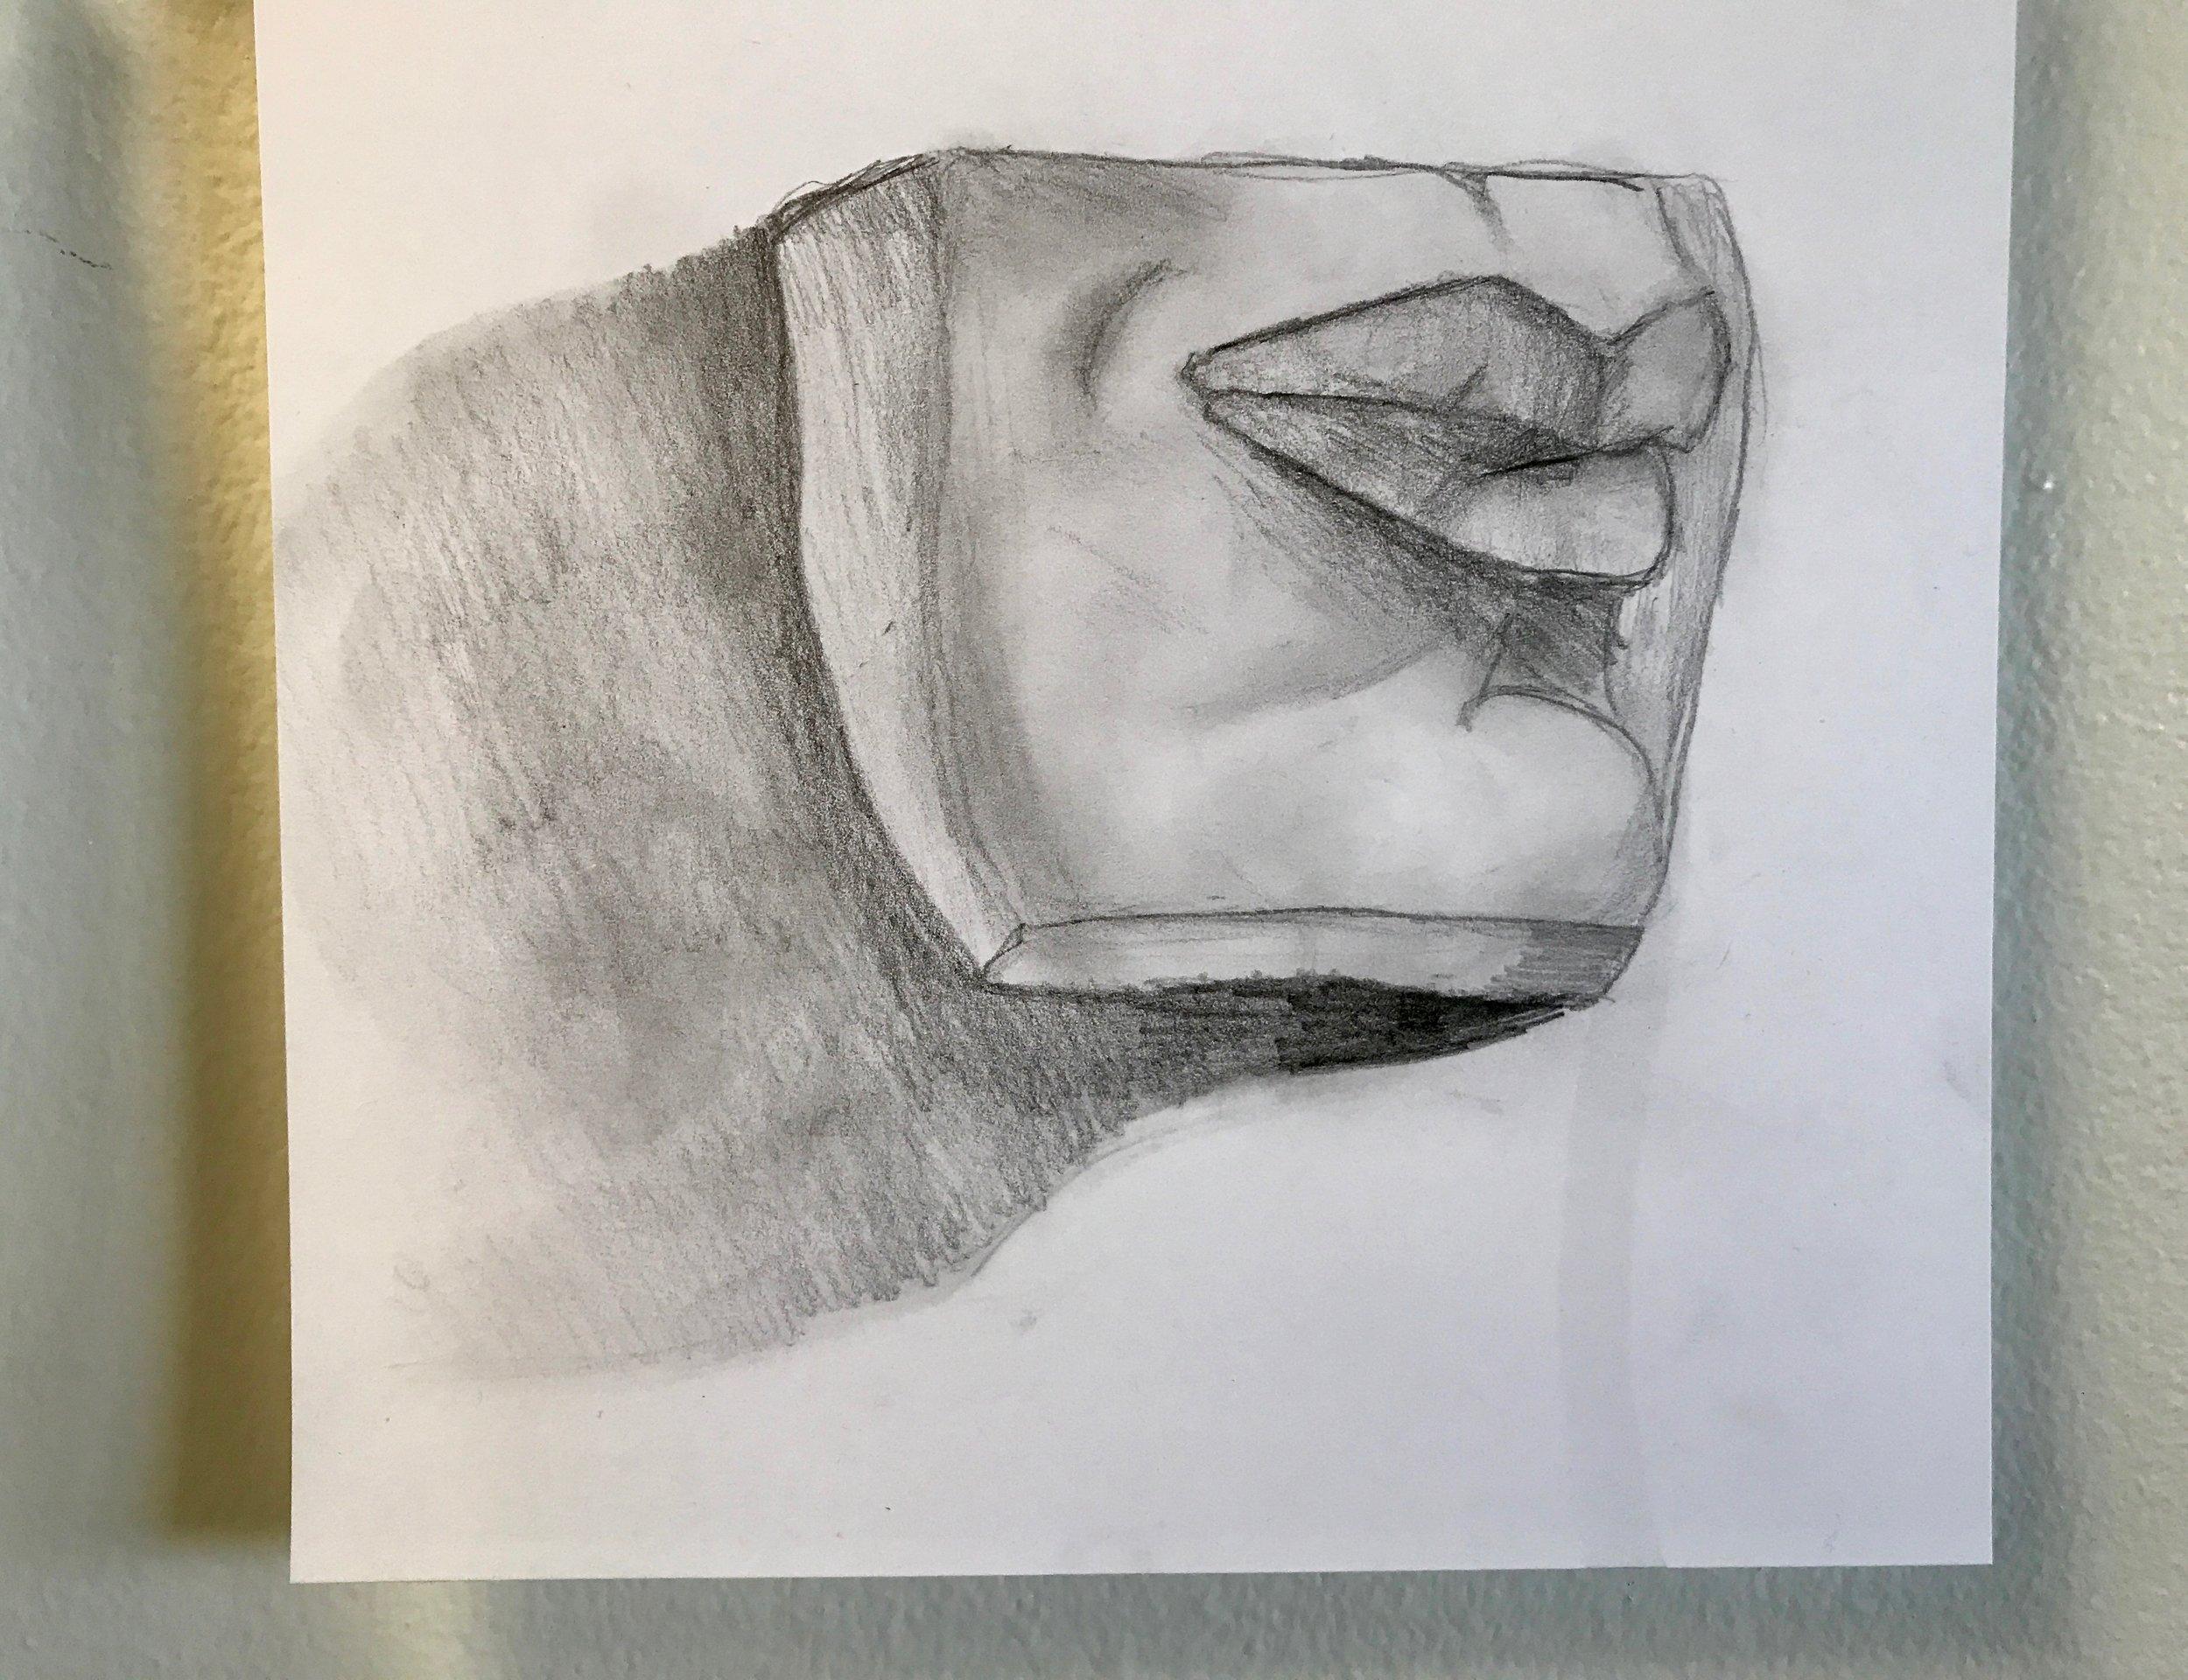 Calla, age 14